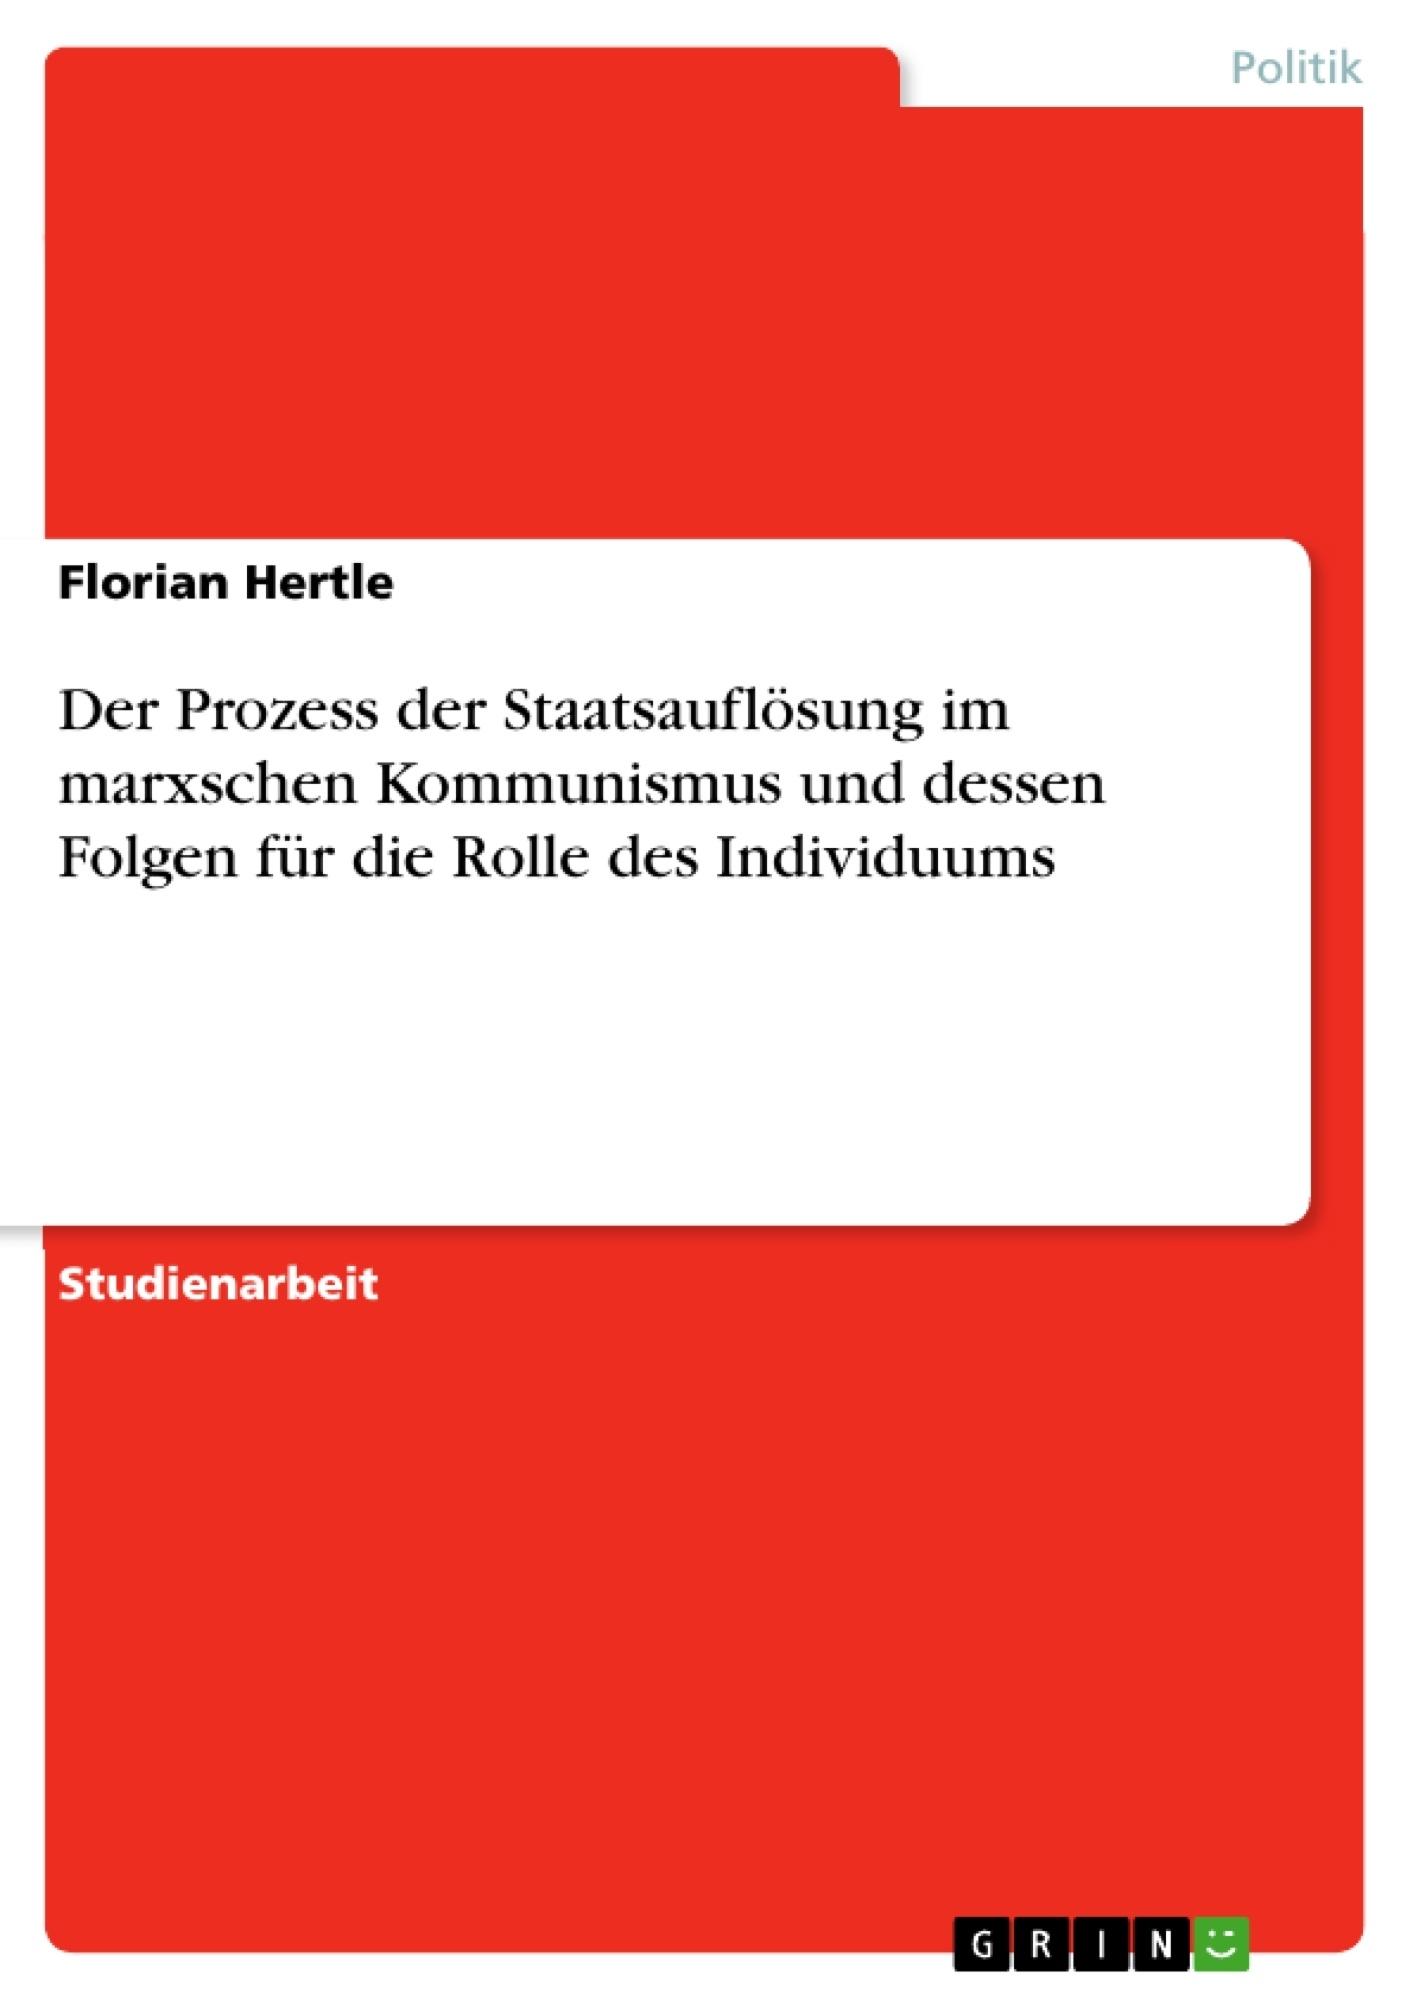 Titel: Der Prozess der Staatsauflösung im marxschen Kommunismus und dessen Folgen für die Rolle des Individuums